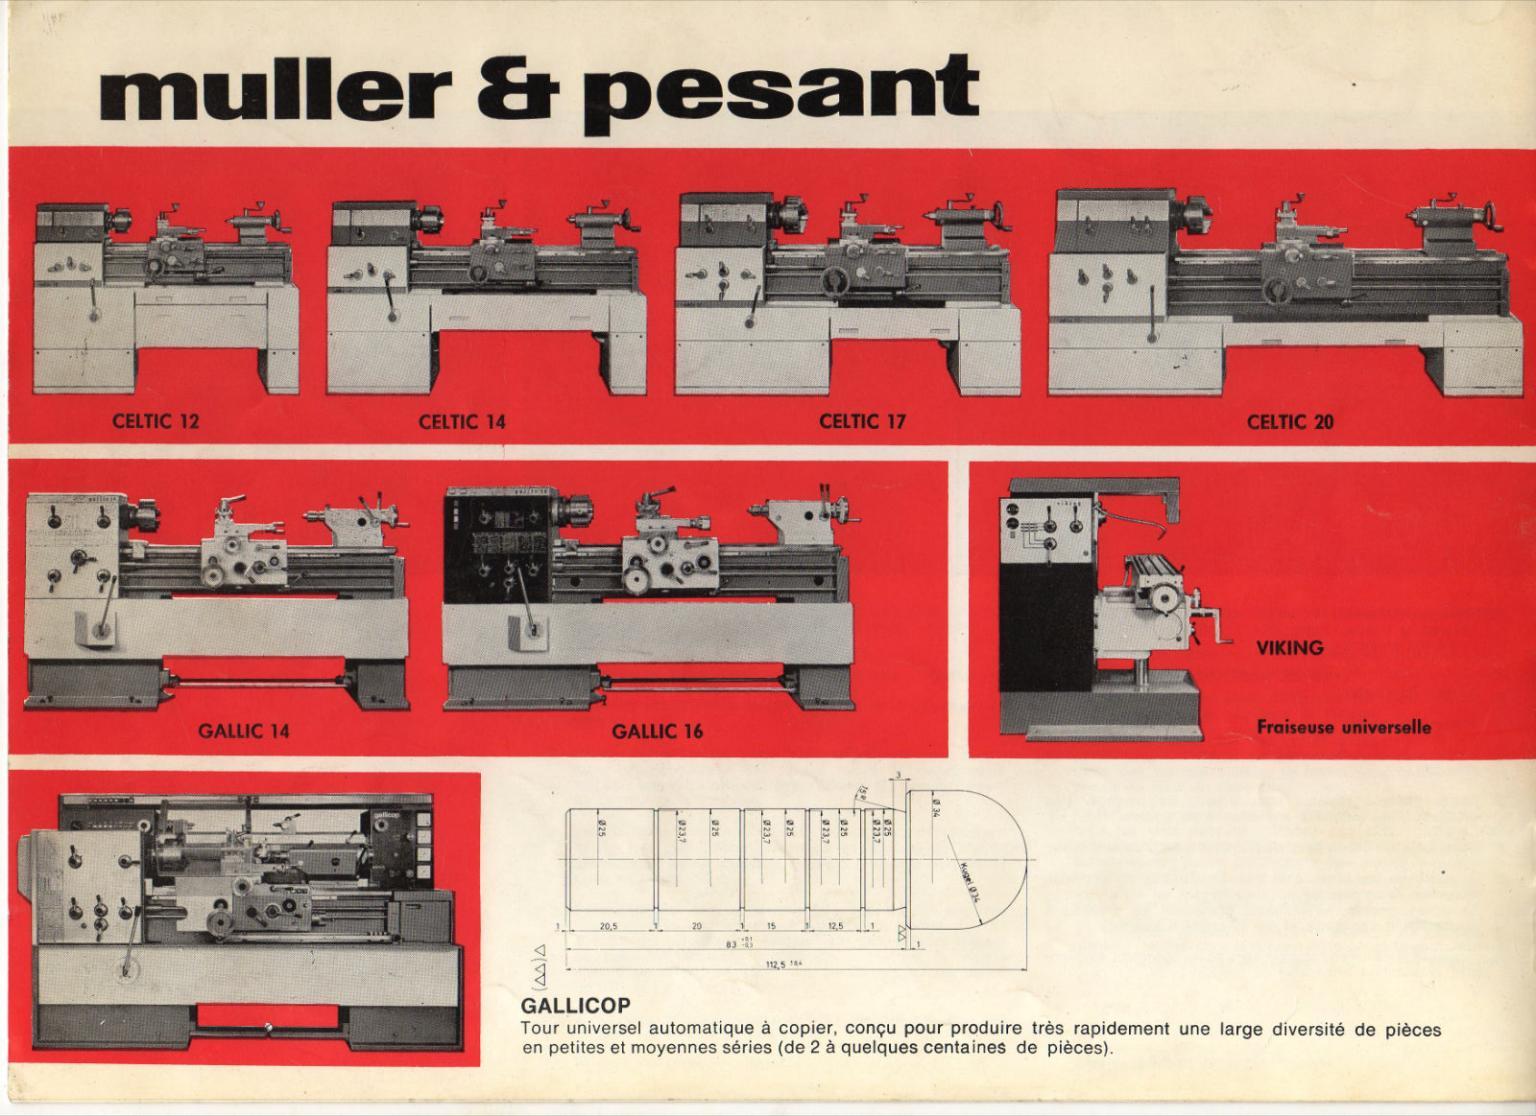 Muller & Pesant / Mondiale Celtic 17, 20 Uw1811